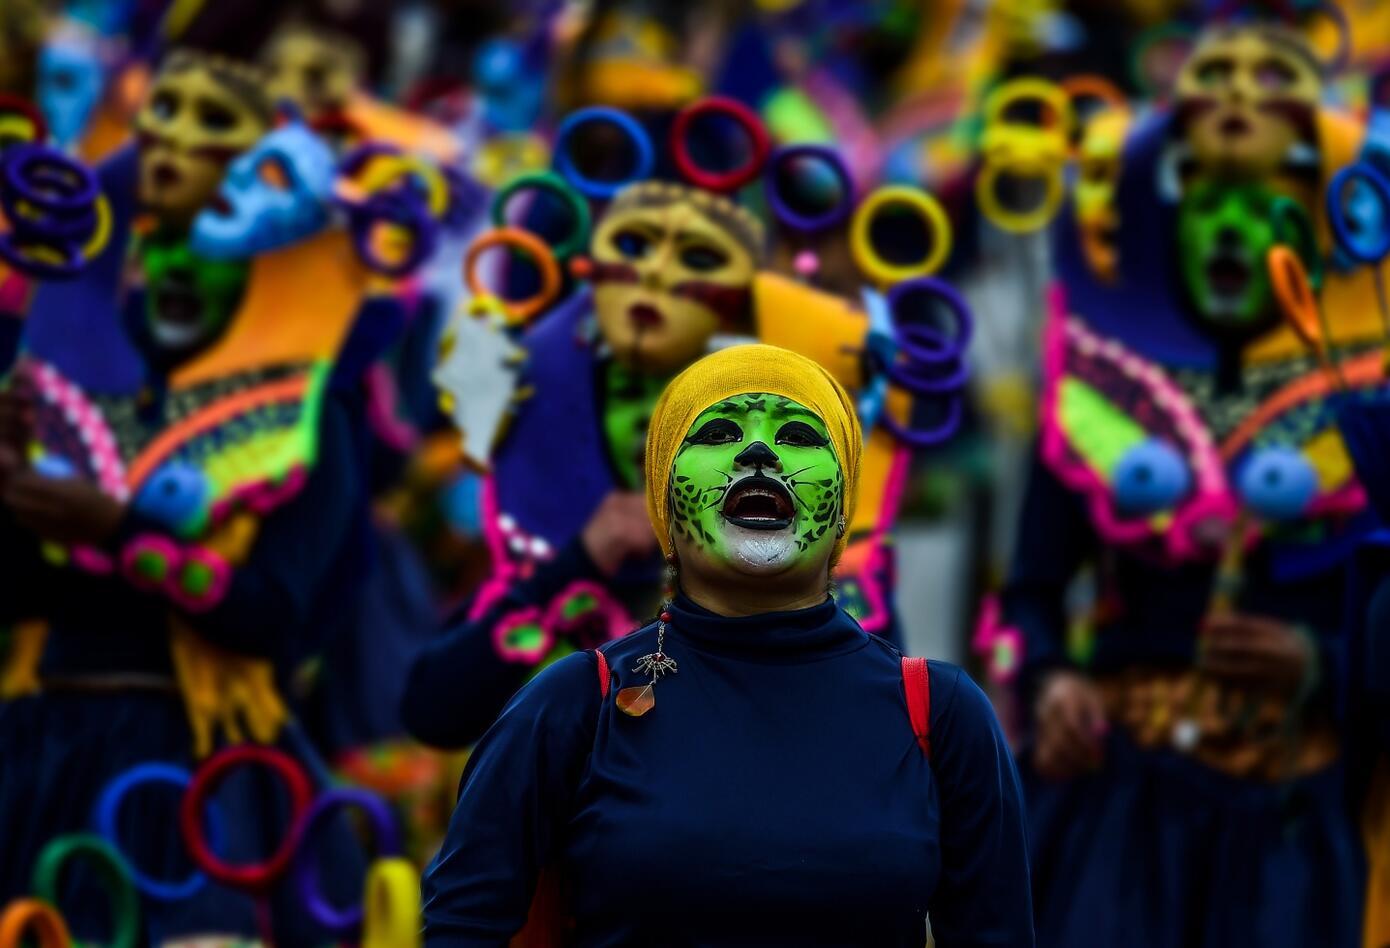 El Carnaval de Negros y Blancos en 2019 conmemora su décimo aniversario como Patrimonio de la Humanidad.